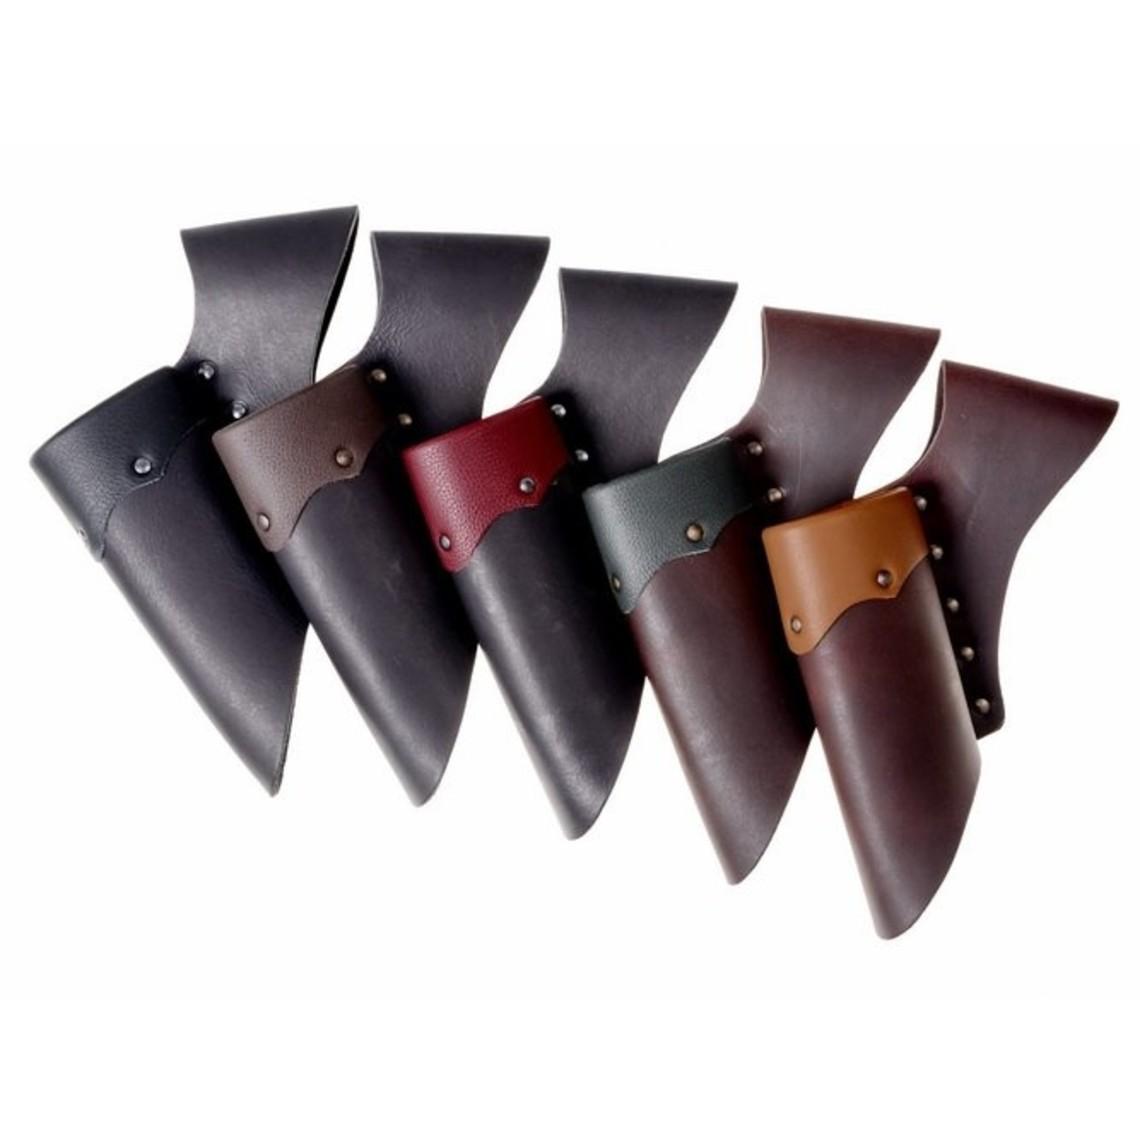 Supporto in pelle per le spade GRV, rosso-nero